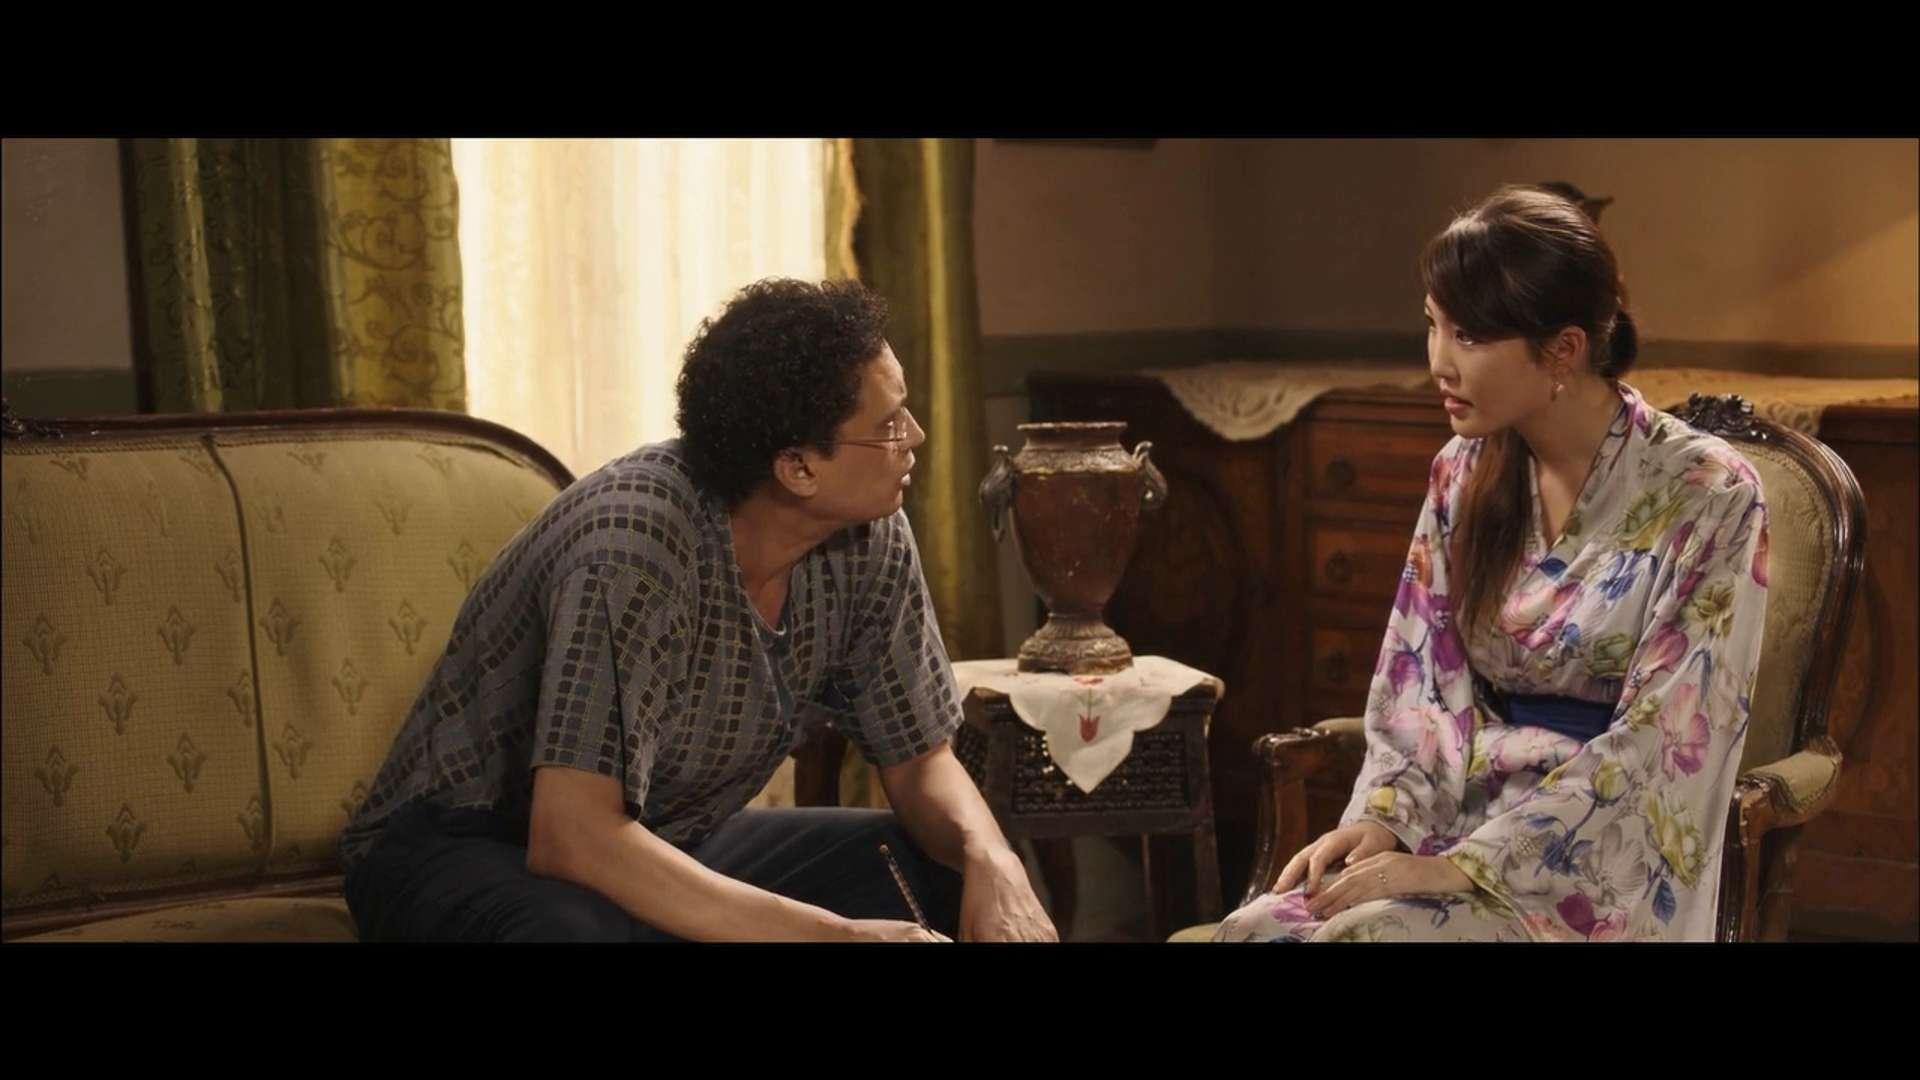 [فيلم][تورنت][تحميل][ياباني أصلي][2017][1080p][Web-DL] 7 arabp2p.com